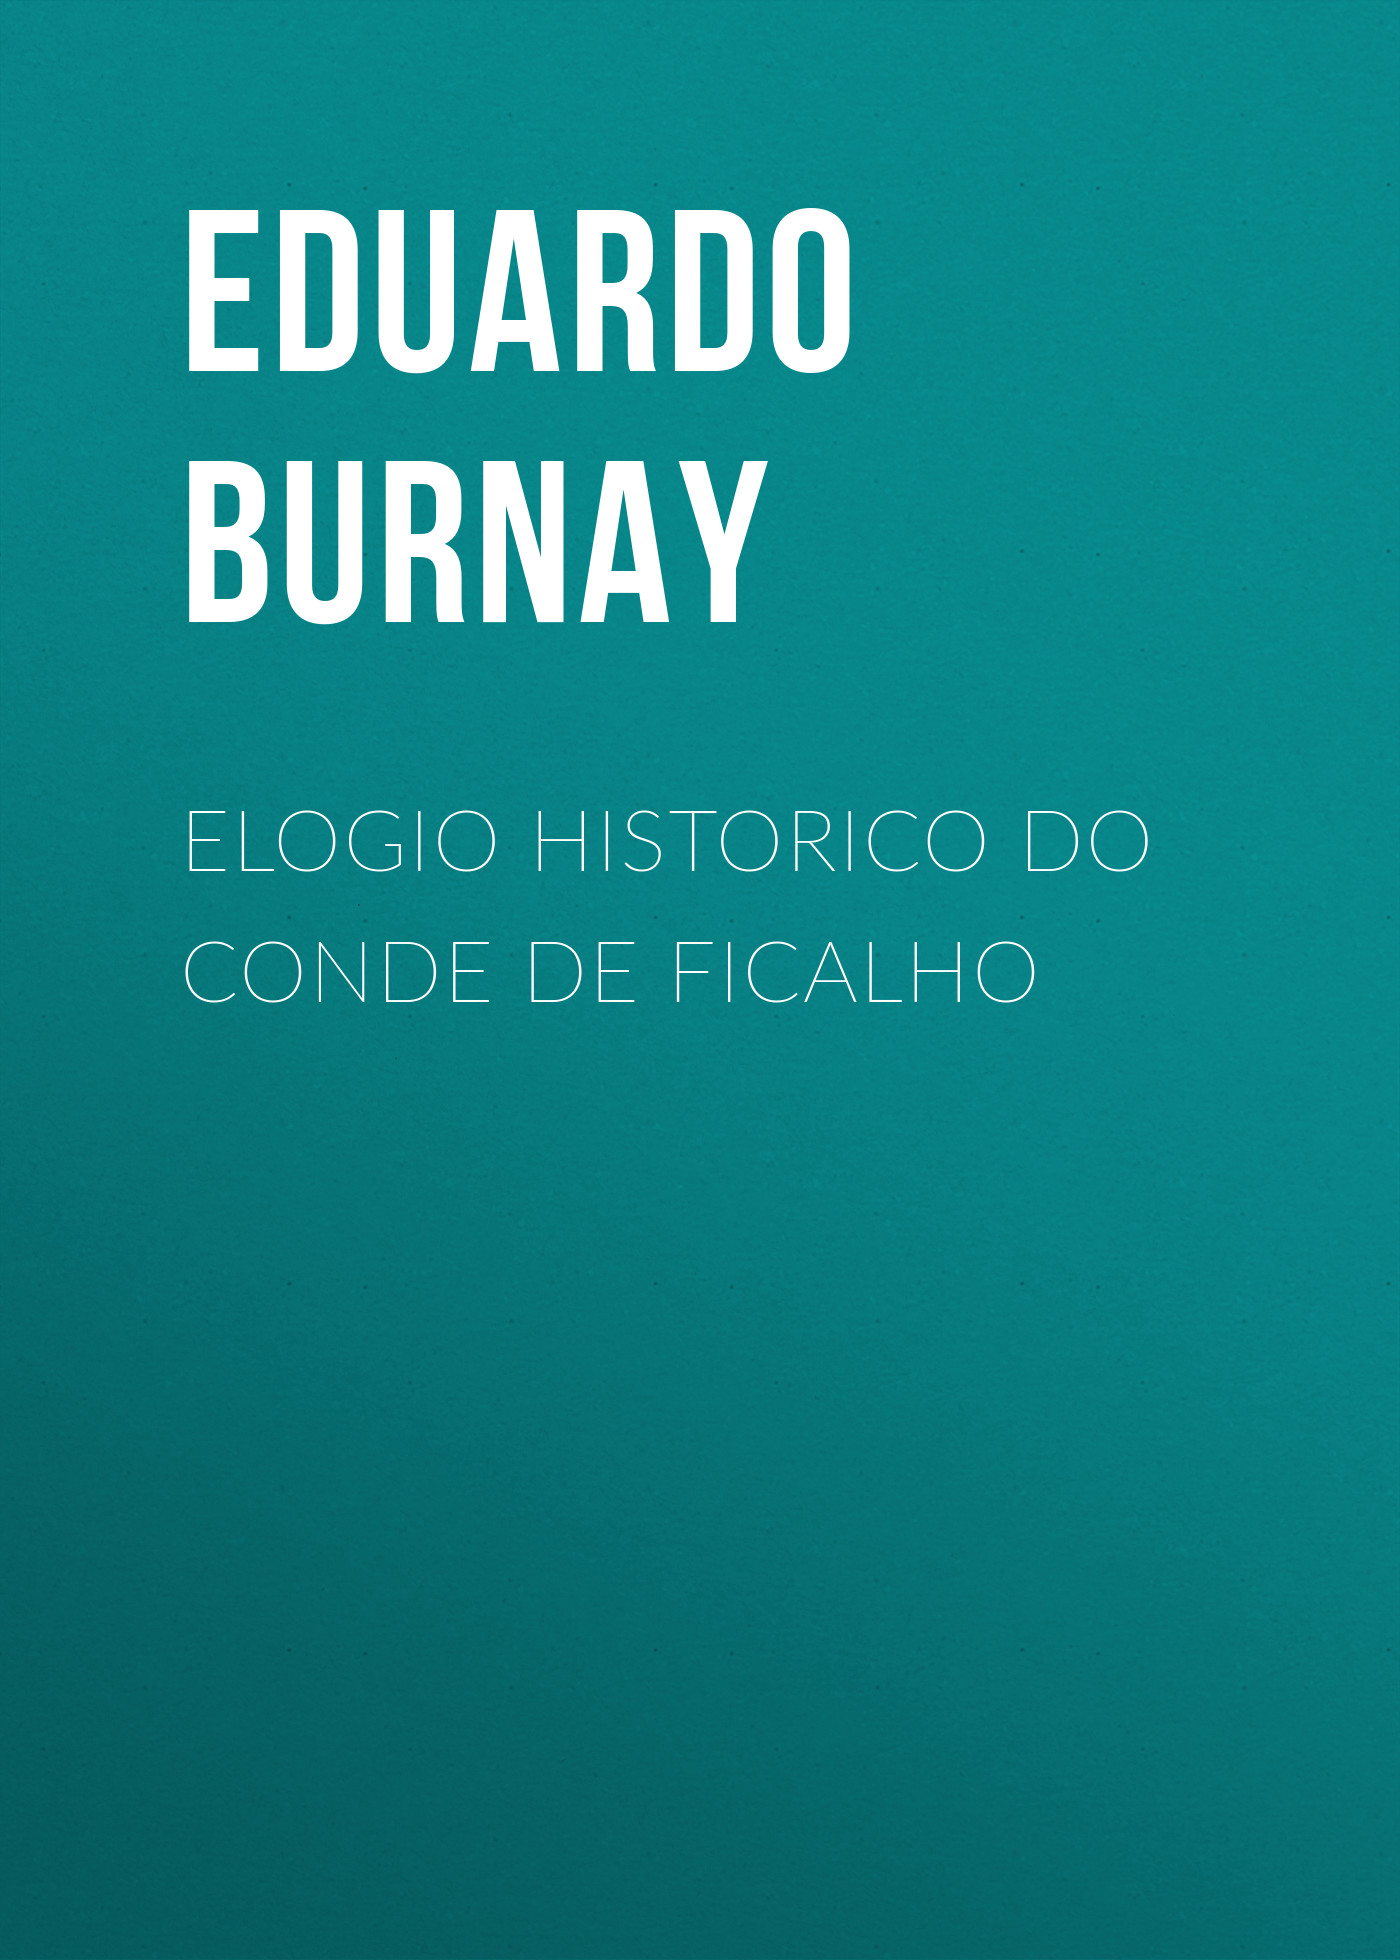 купить Burnay Eduardo Elogio Historico do Conde de Ficalho по цене 0 рублей